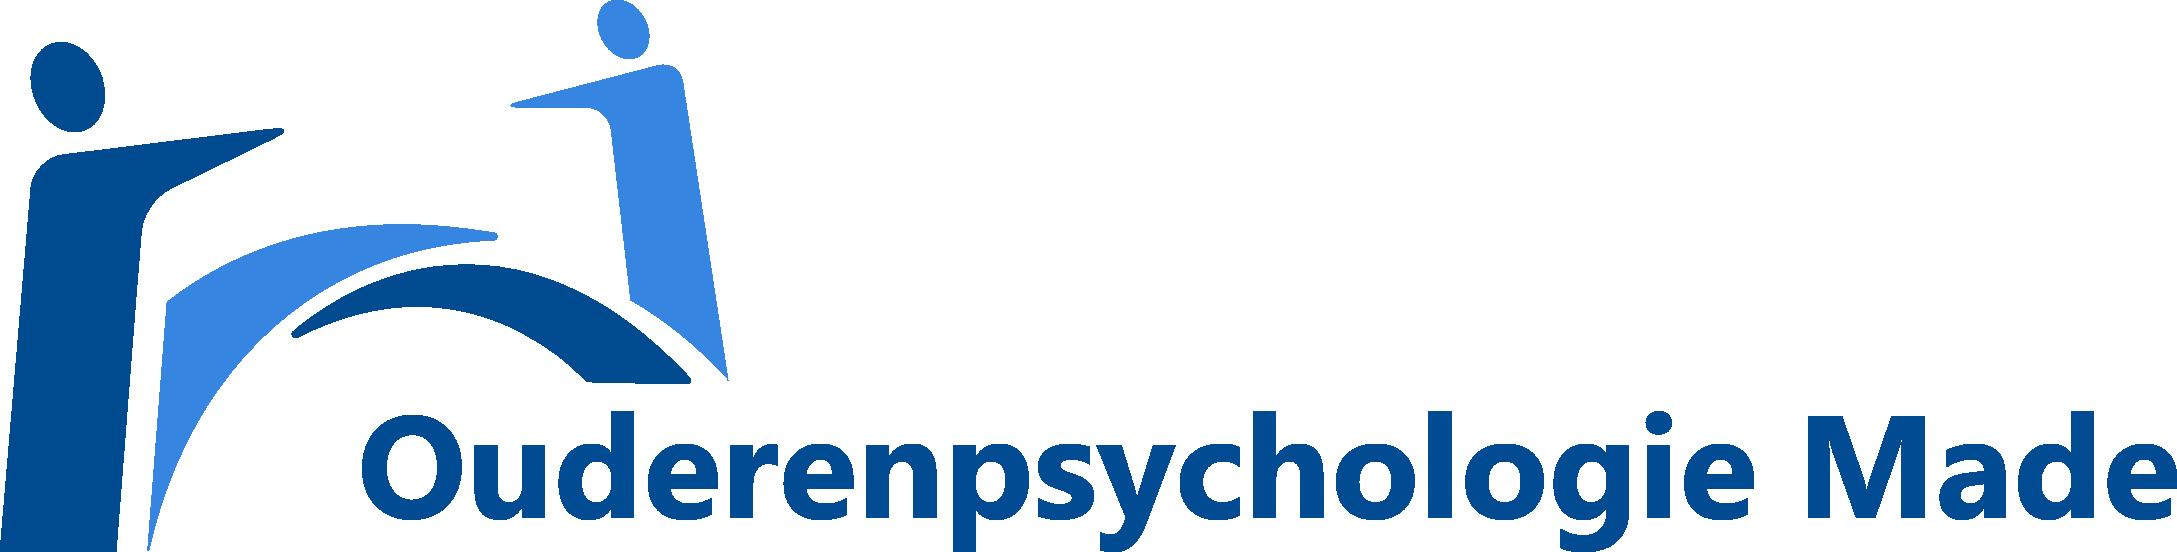 Ouderenpsychologie Made